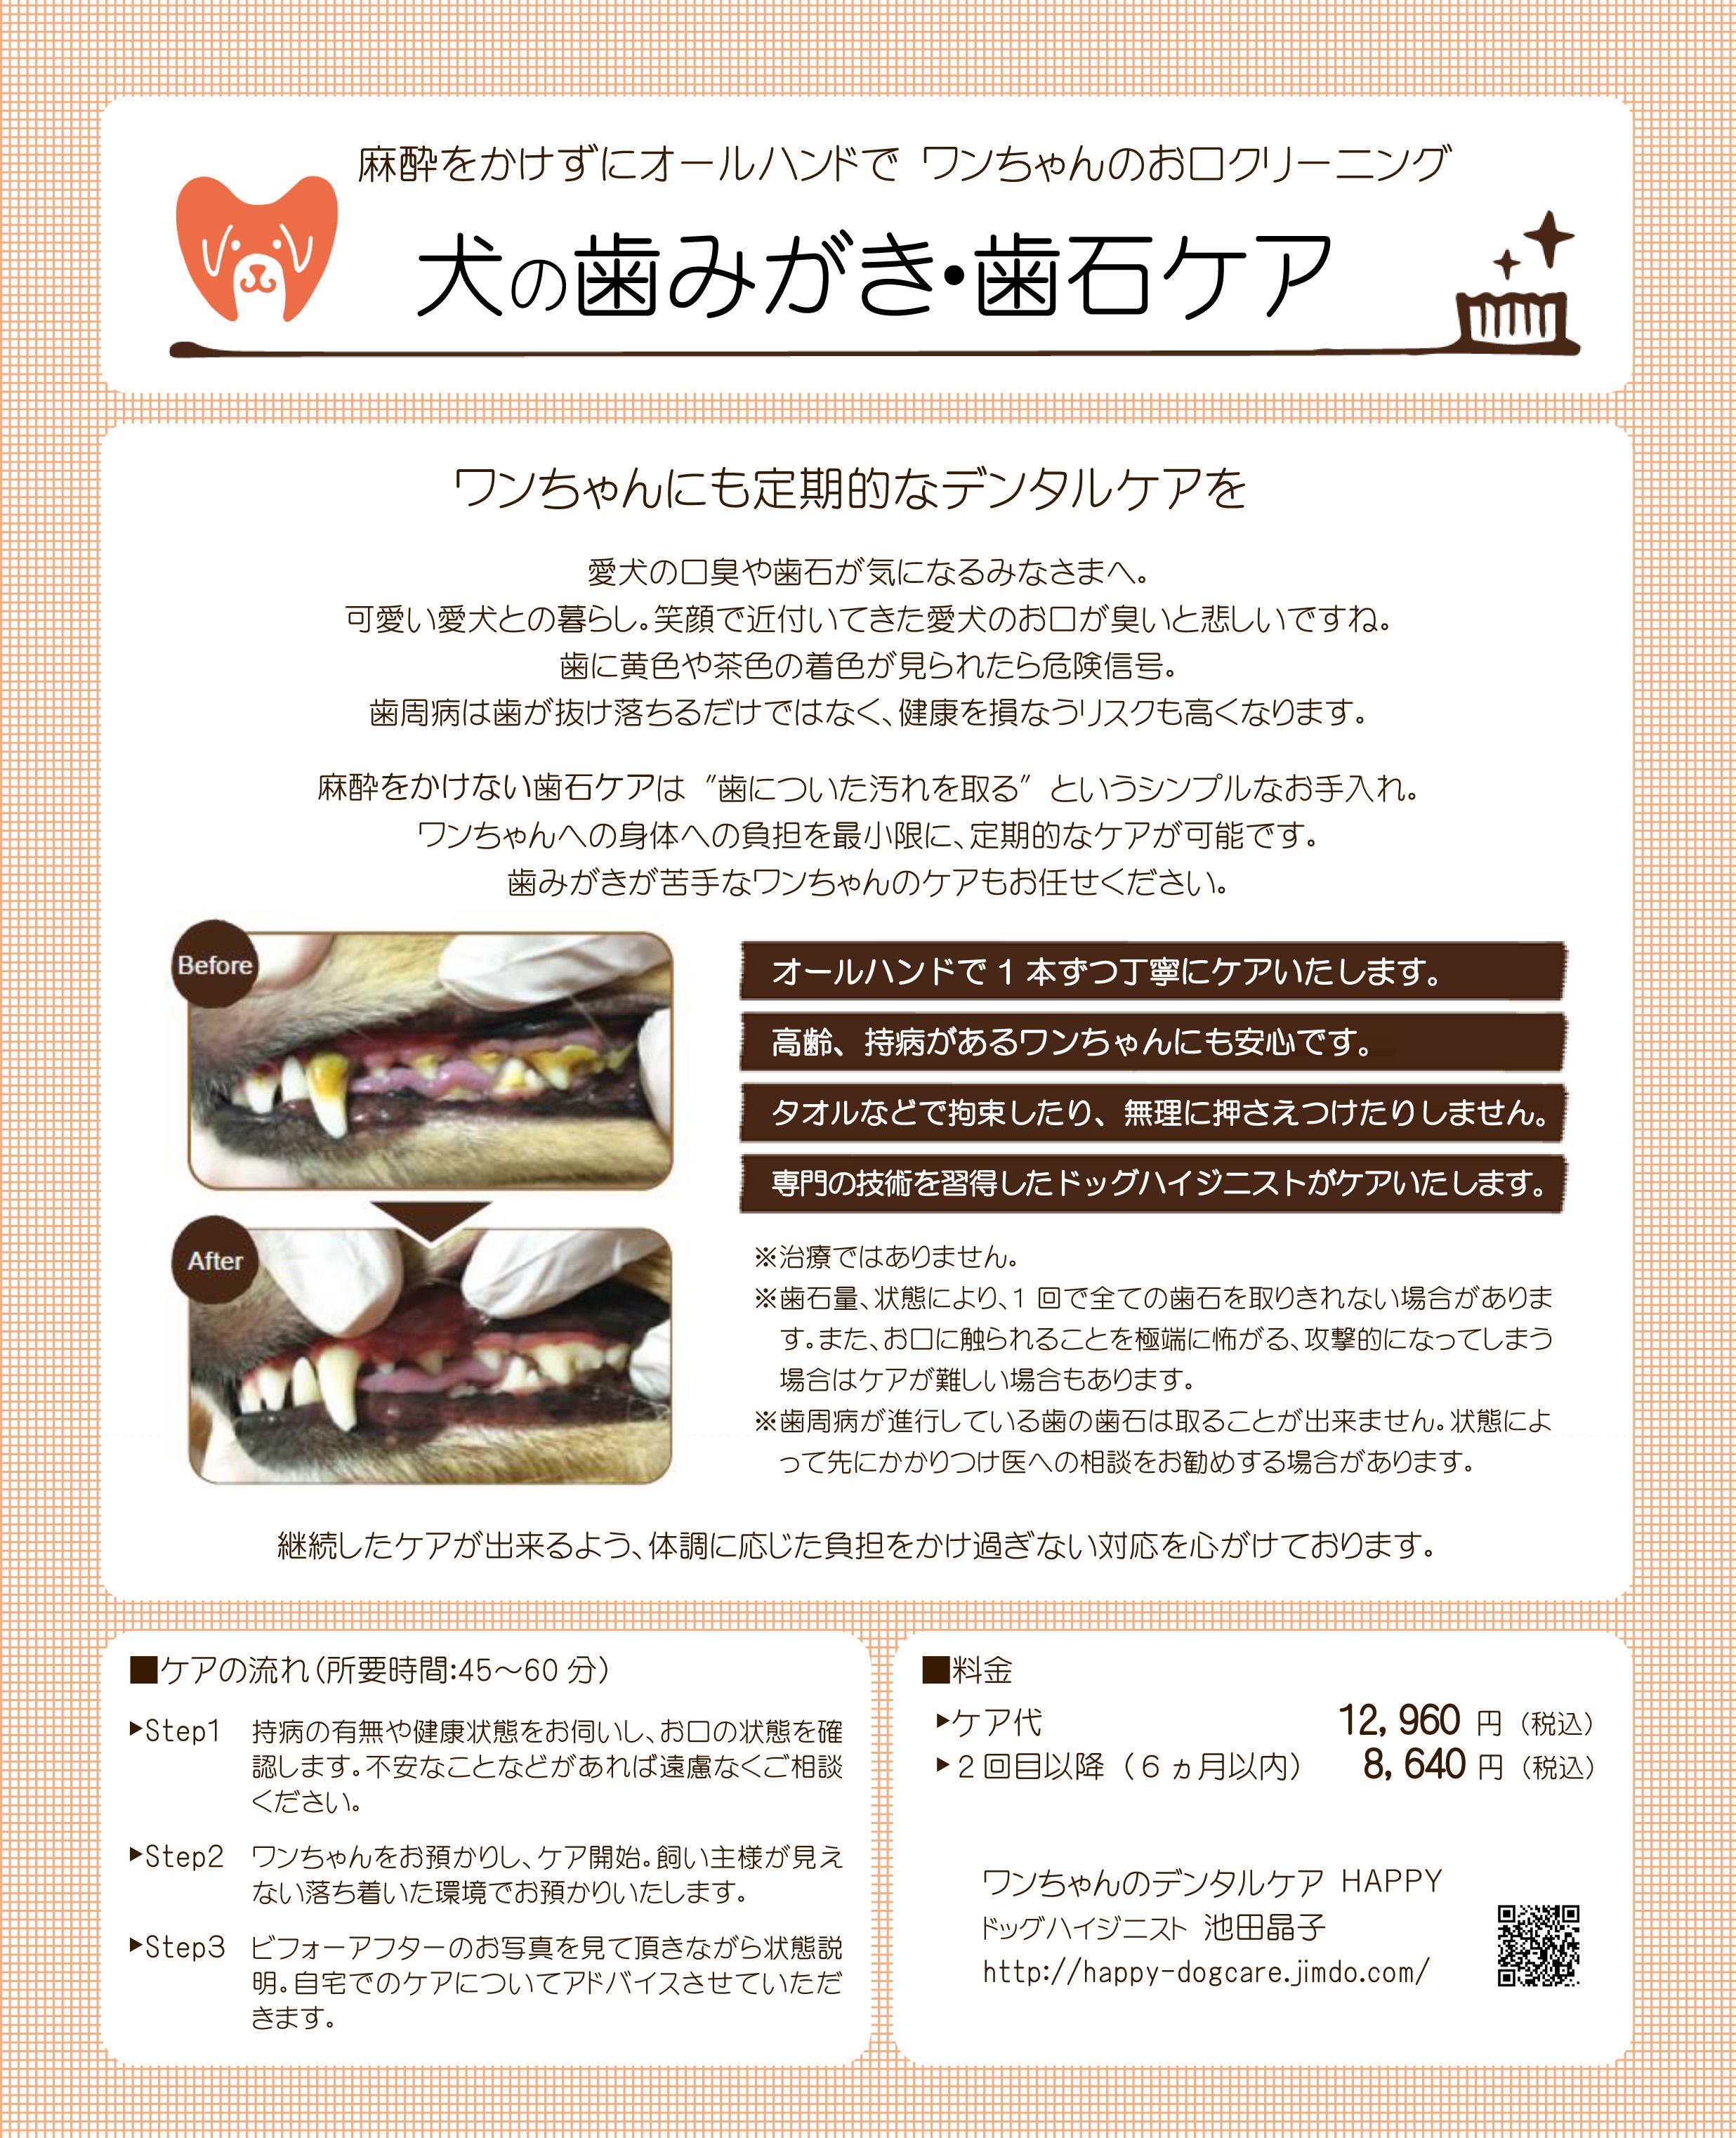 オールハンドの歯石・歯垢ケア